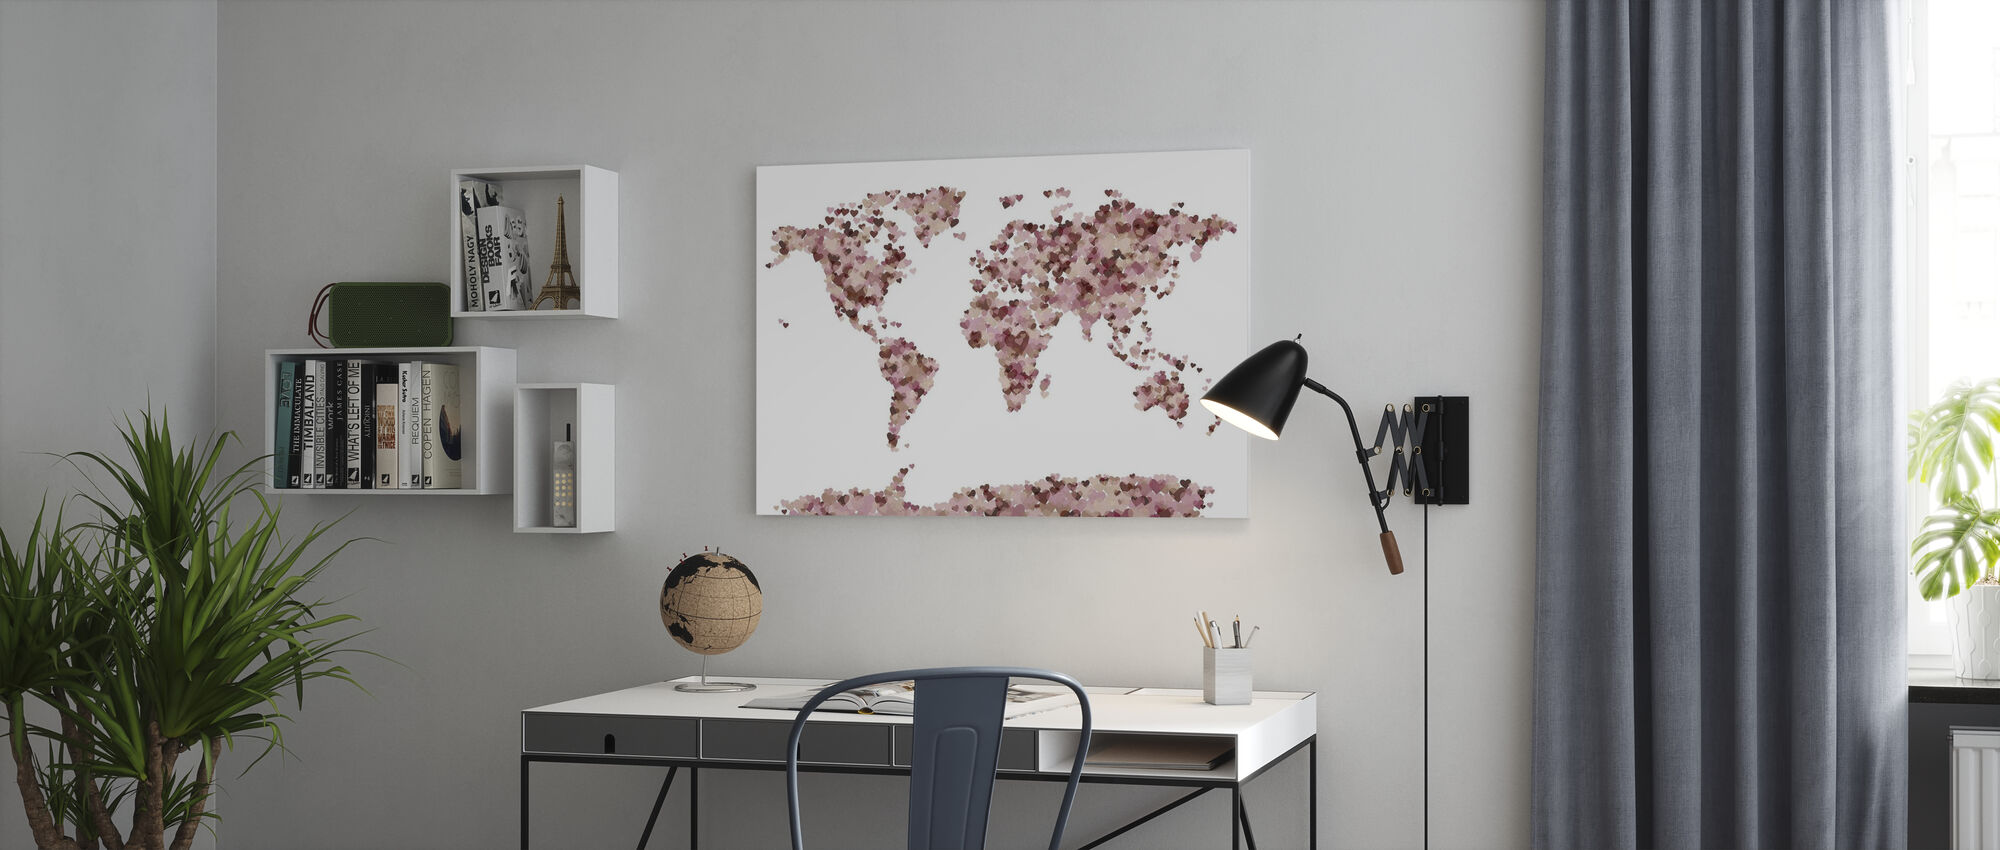 Hearts World Kartta Vaaleanpunainen - Canvastaulu - Toimisto